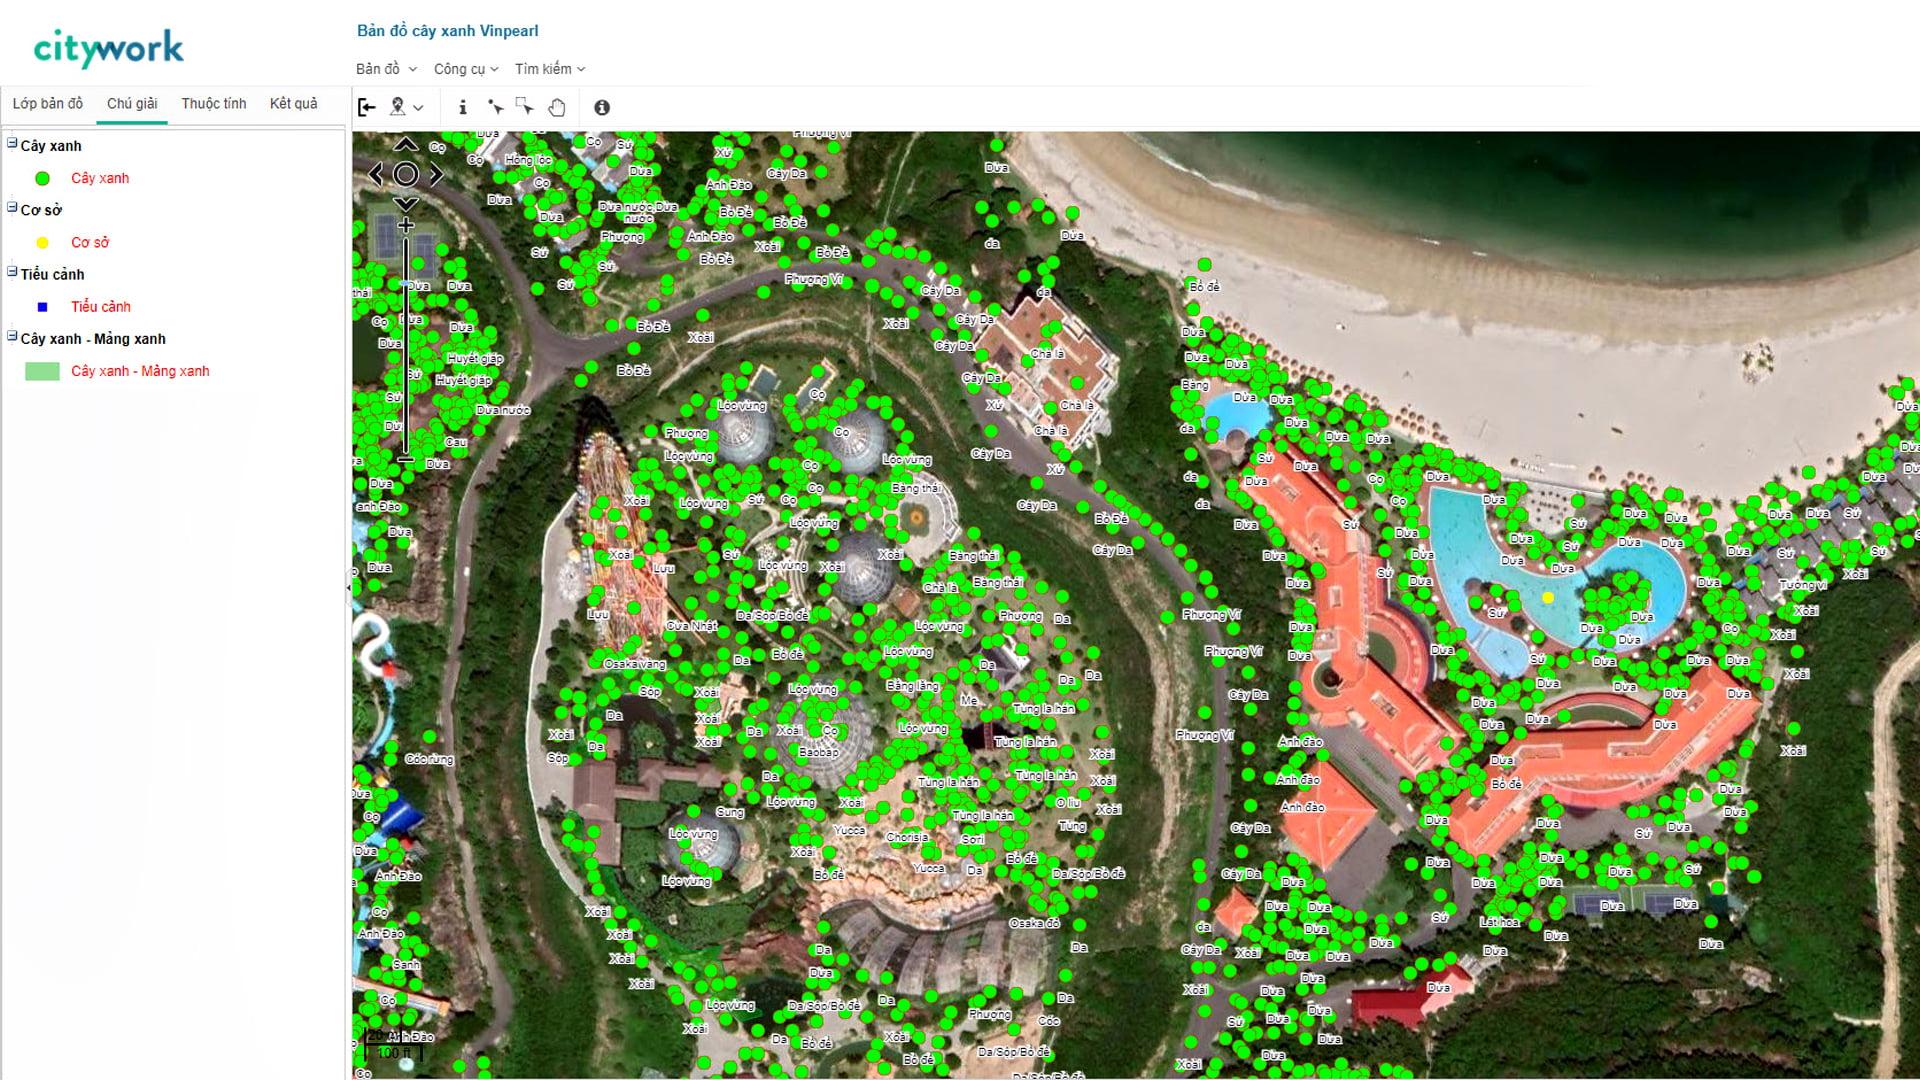 showcase-Bản đồ cây xanh Vinpearl